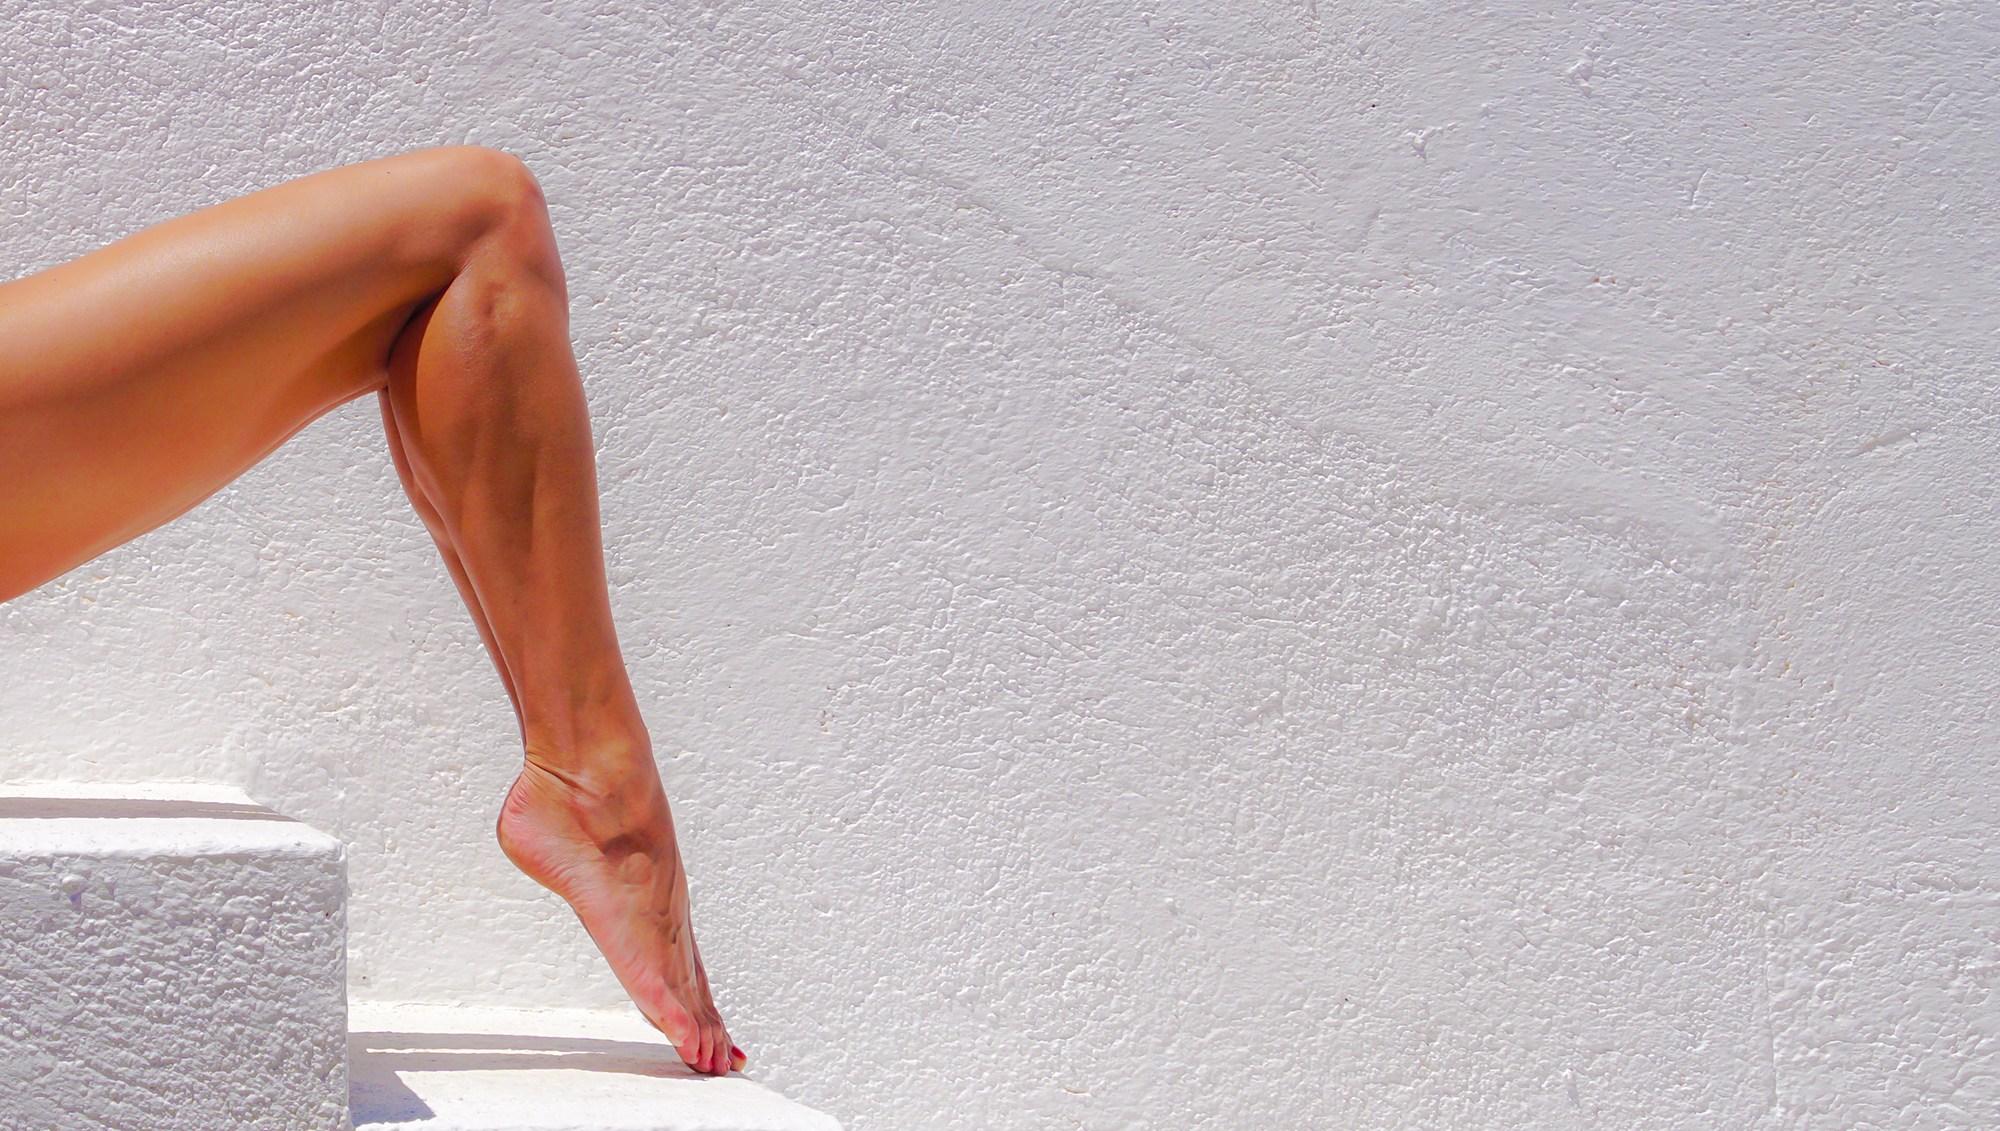 tan-leg-getty